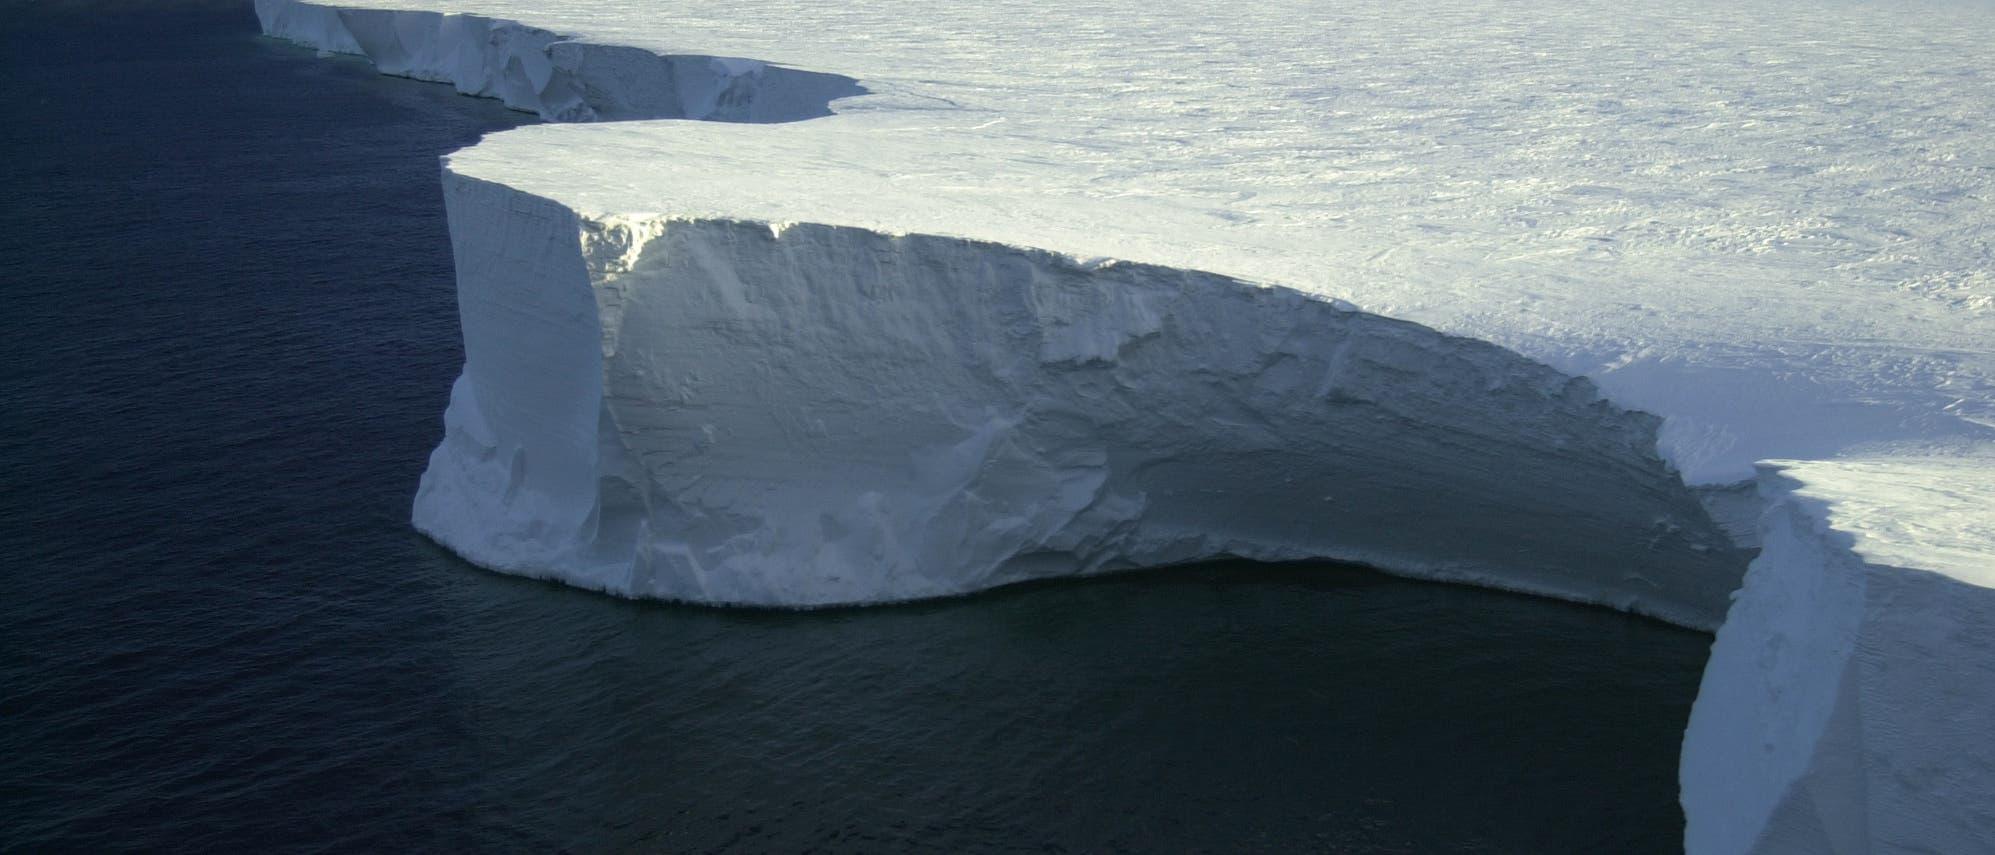 Rieseneisberg in der Antarktis